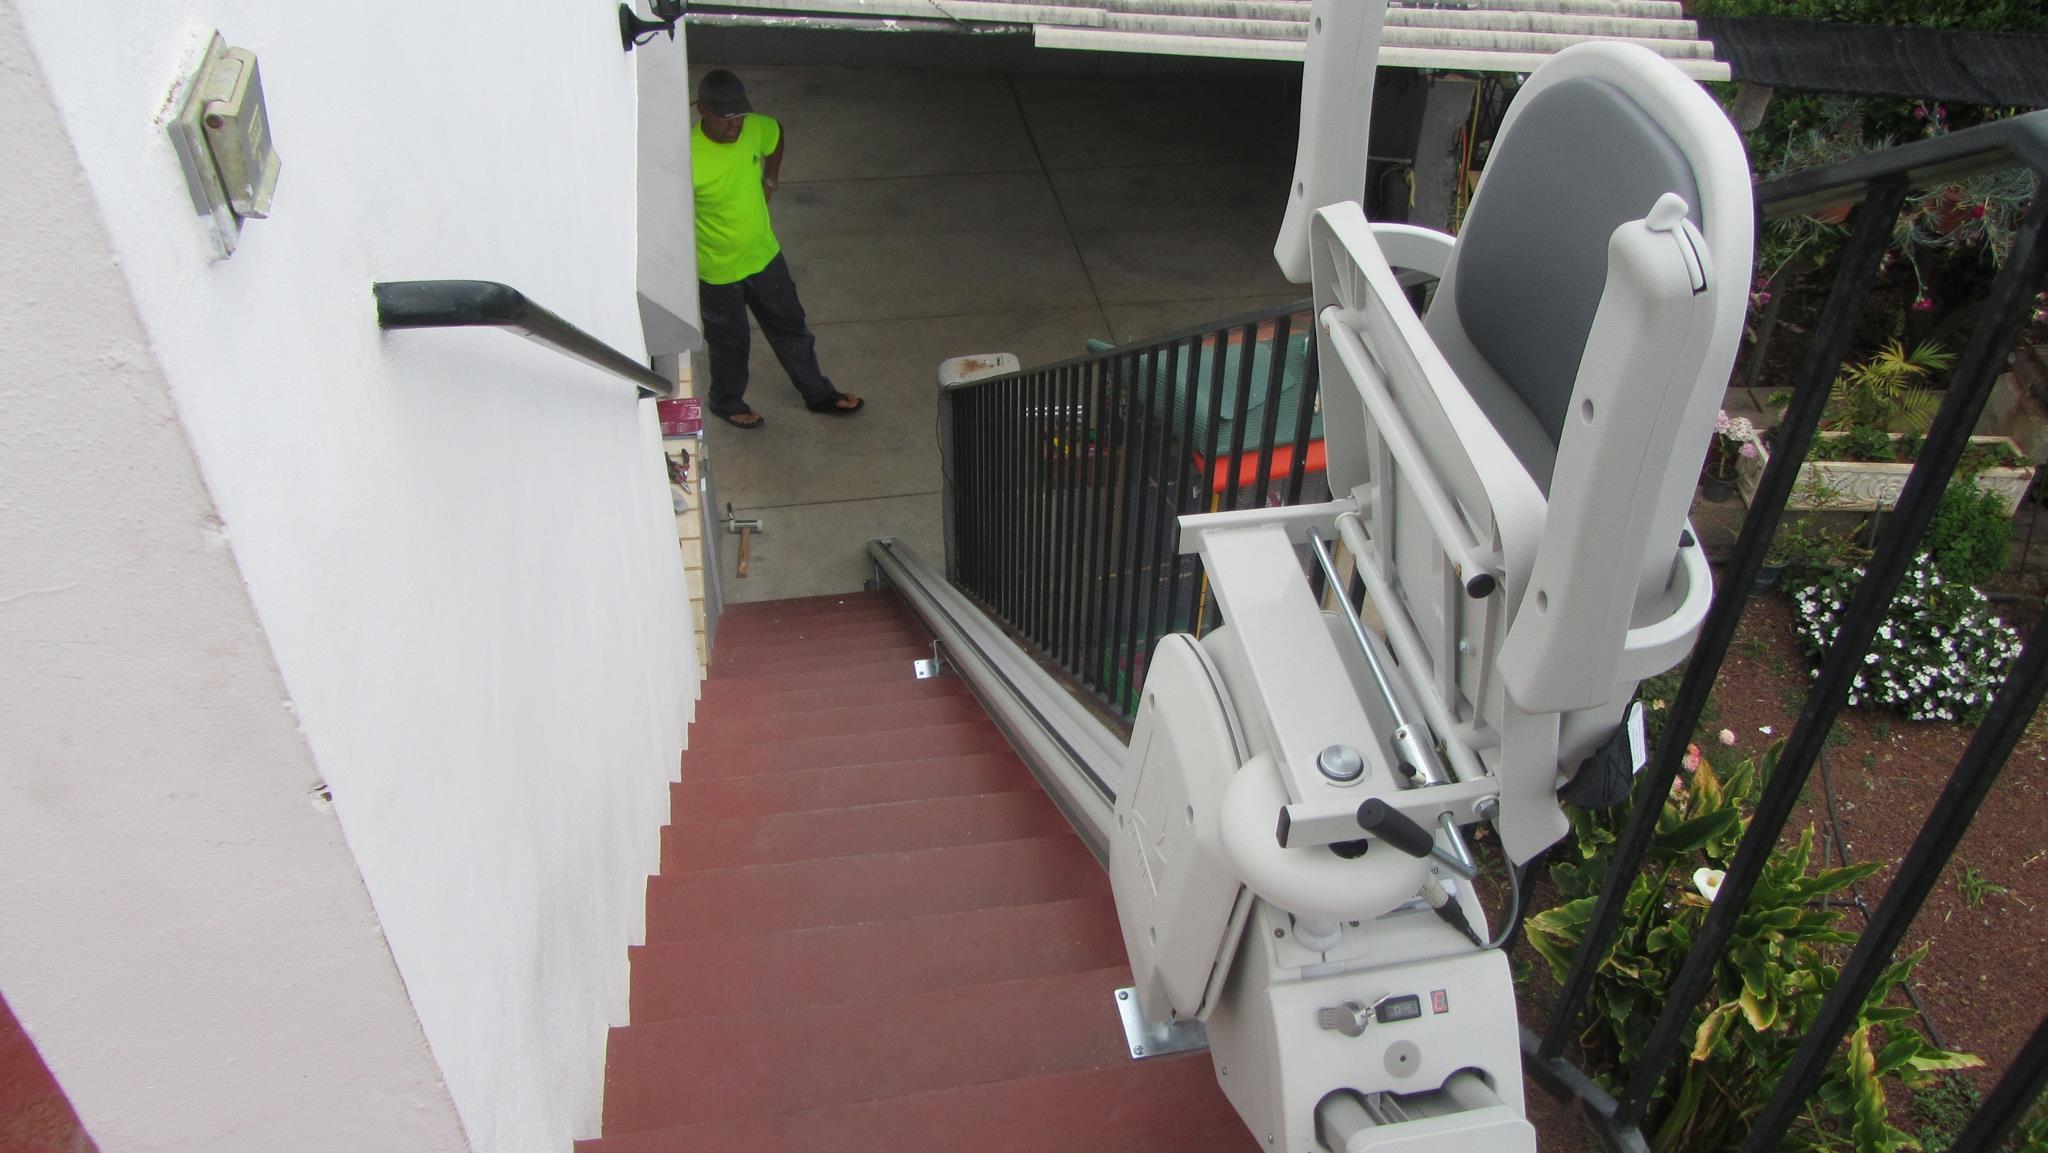 Foto 26 de Venta, instalación y reparaciones de aparatos elevadores en Tegueste | Mobiliteg Solutions